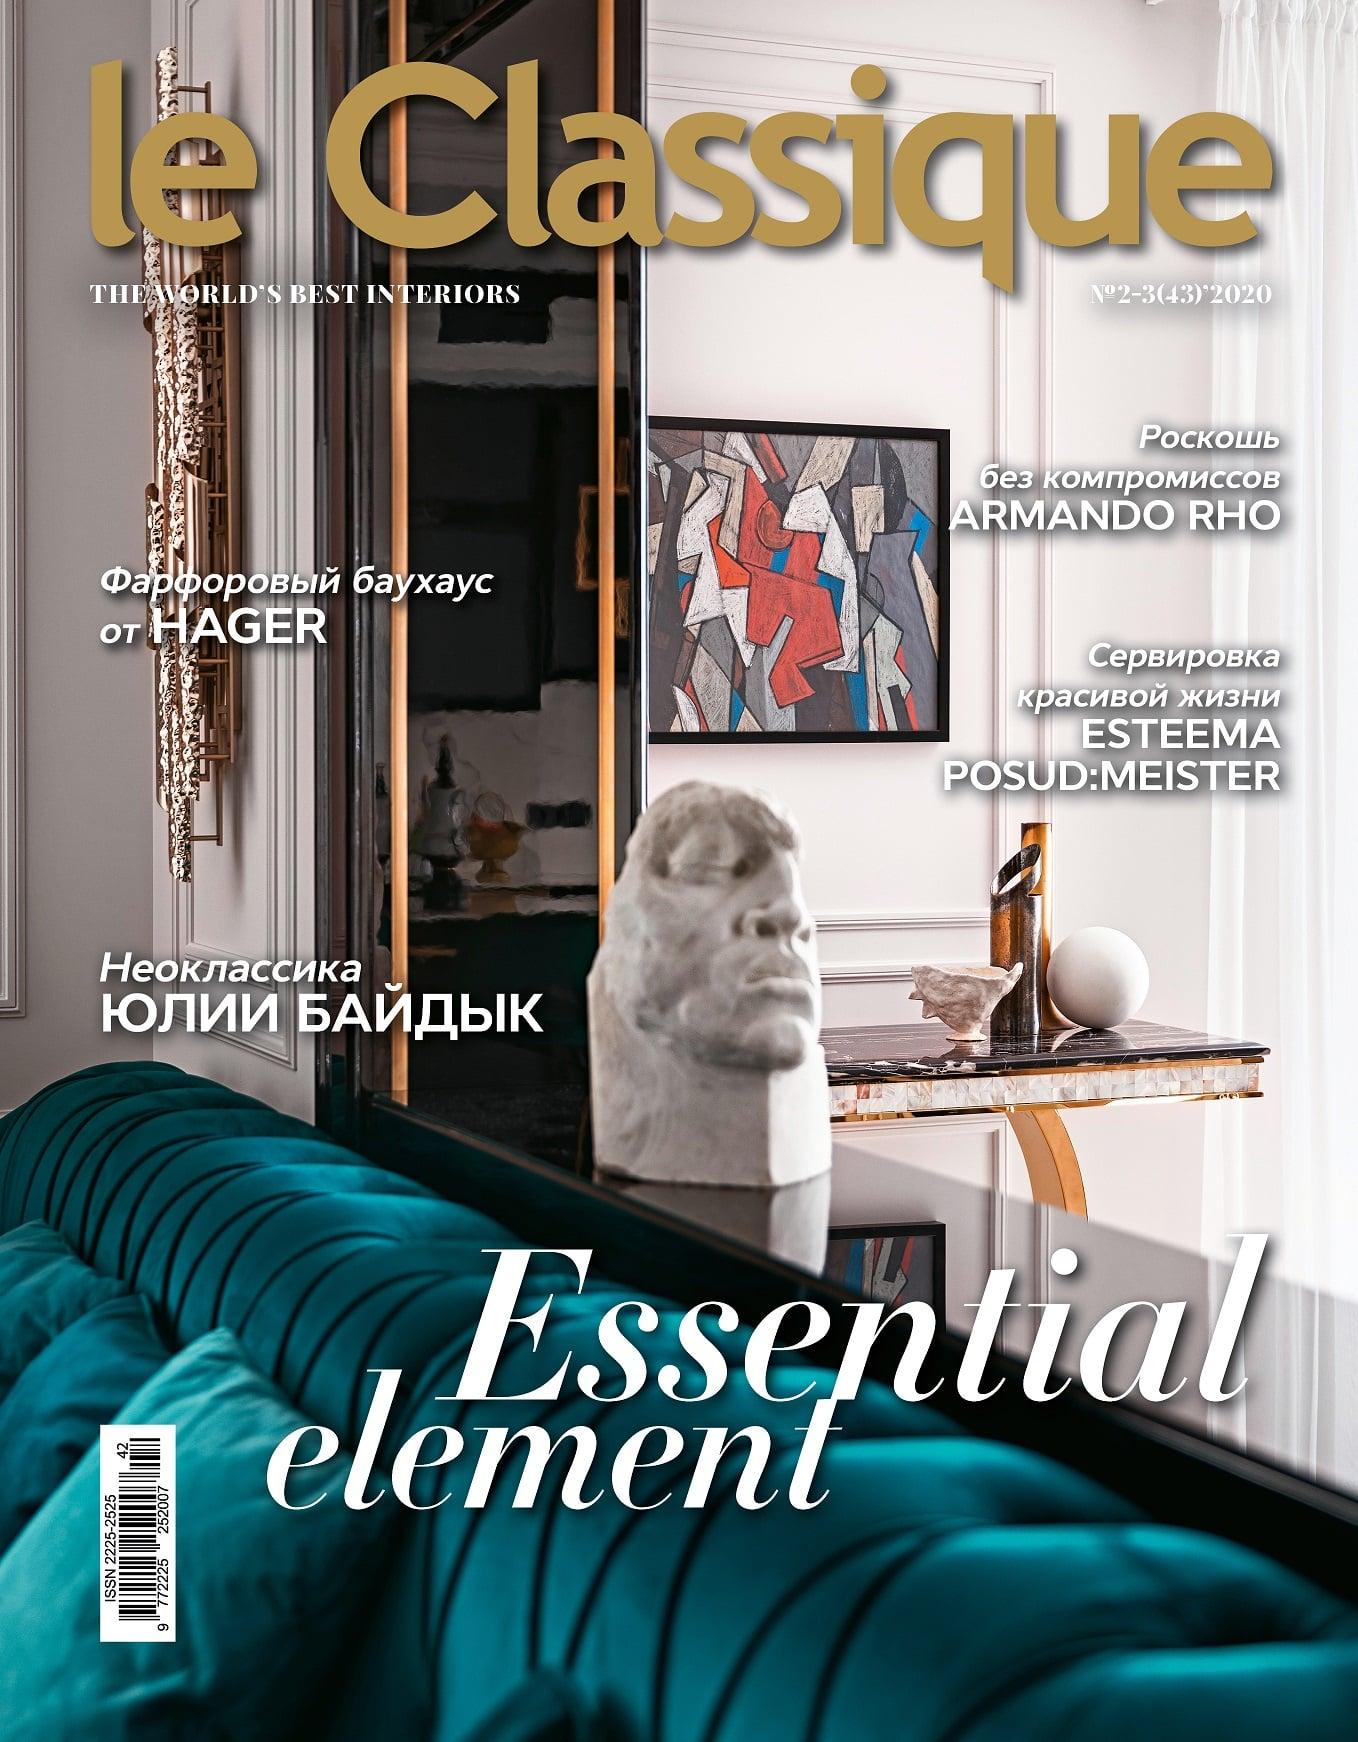 Дизайн интерьера с обложки журнала